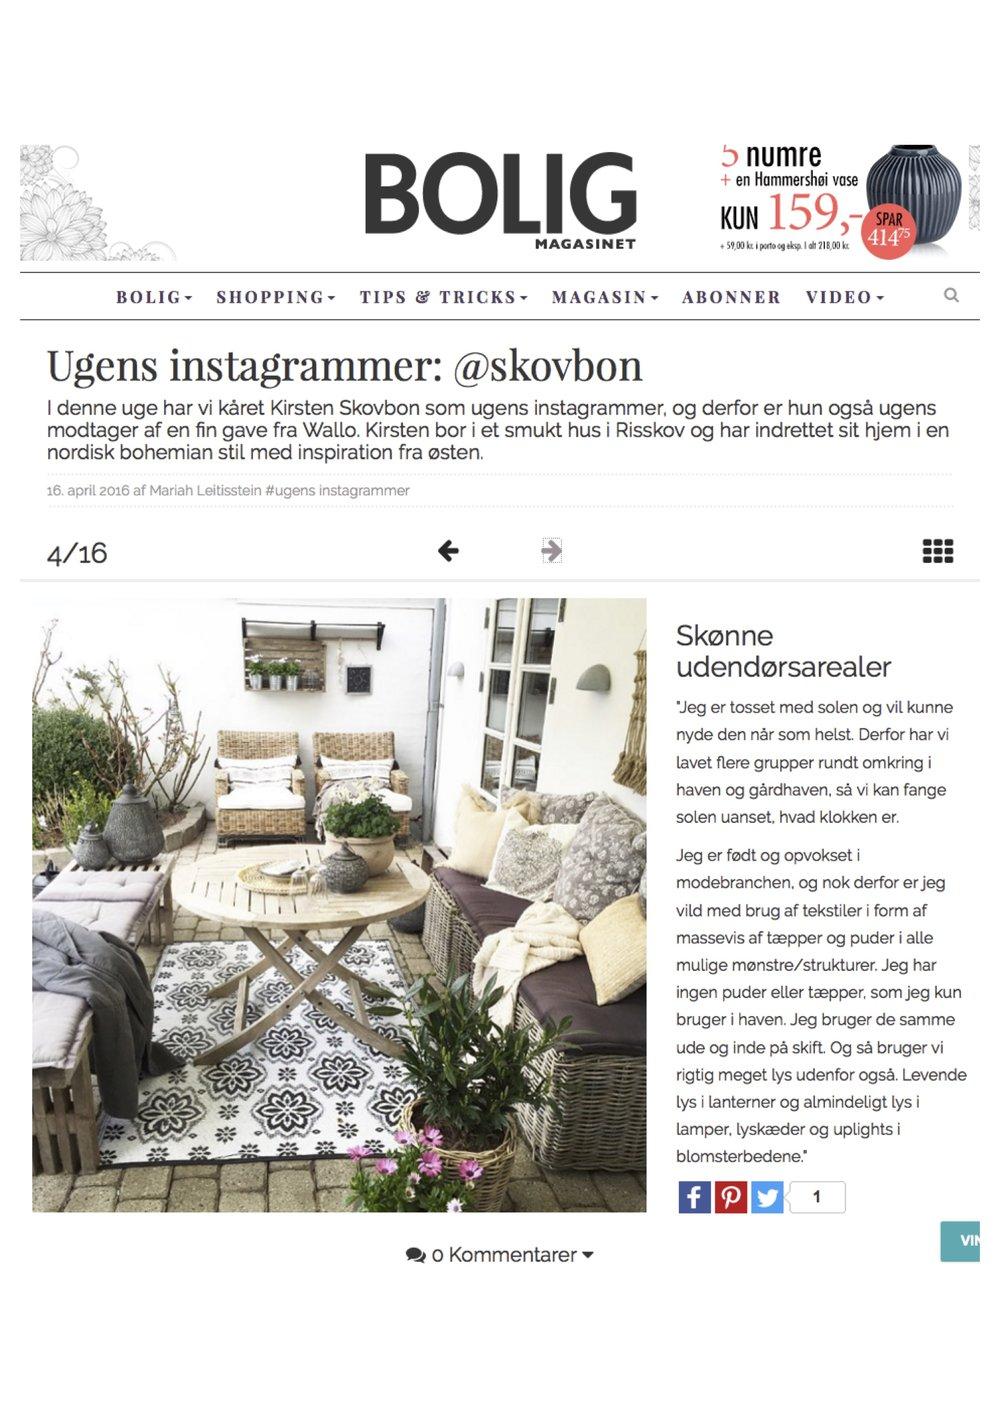 BoligMagasinet-Ugens-instagrammer.jpg